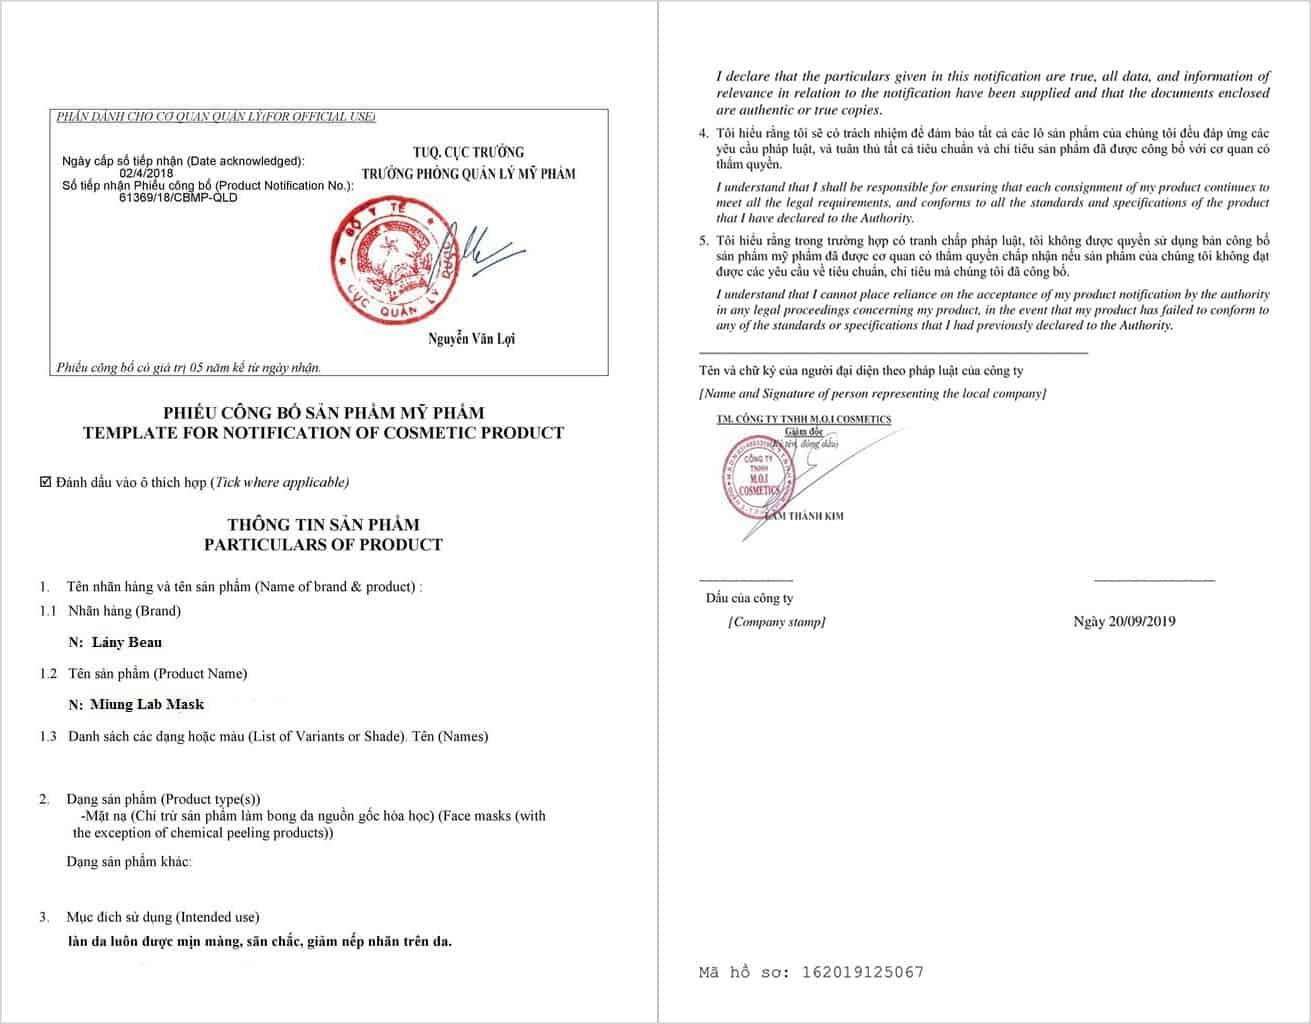 giấy chứng nhận công bố sản phẩm mặt nạ miung lab myphamhera.com